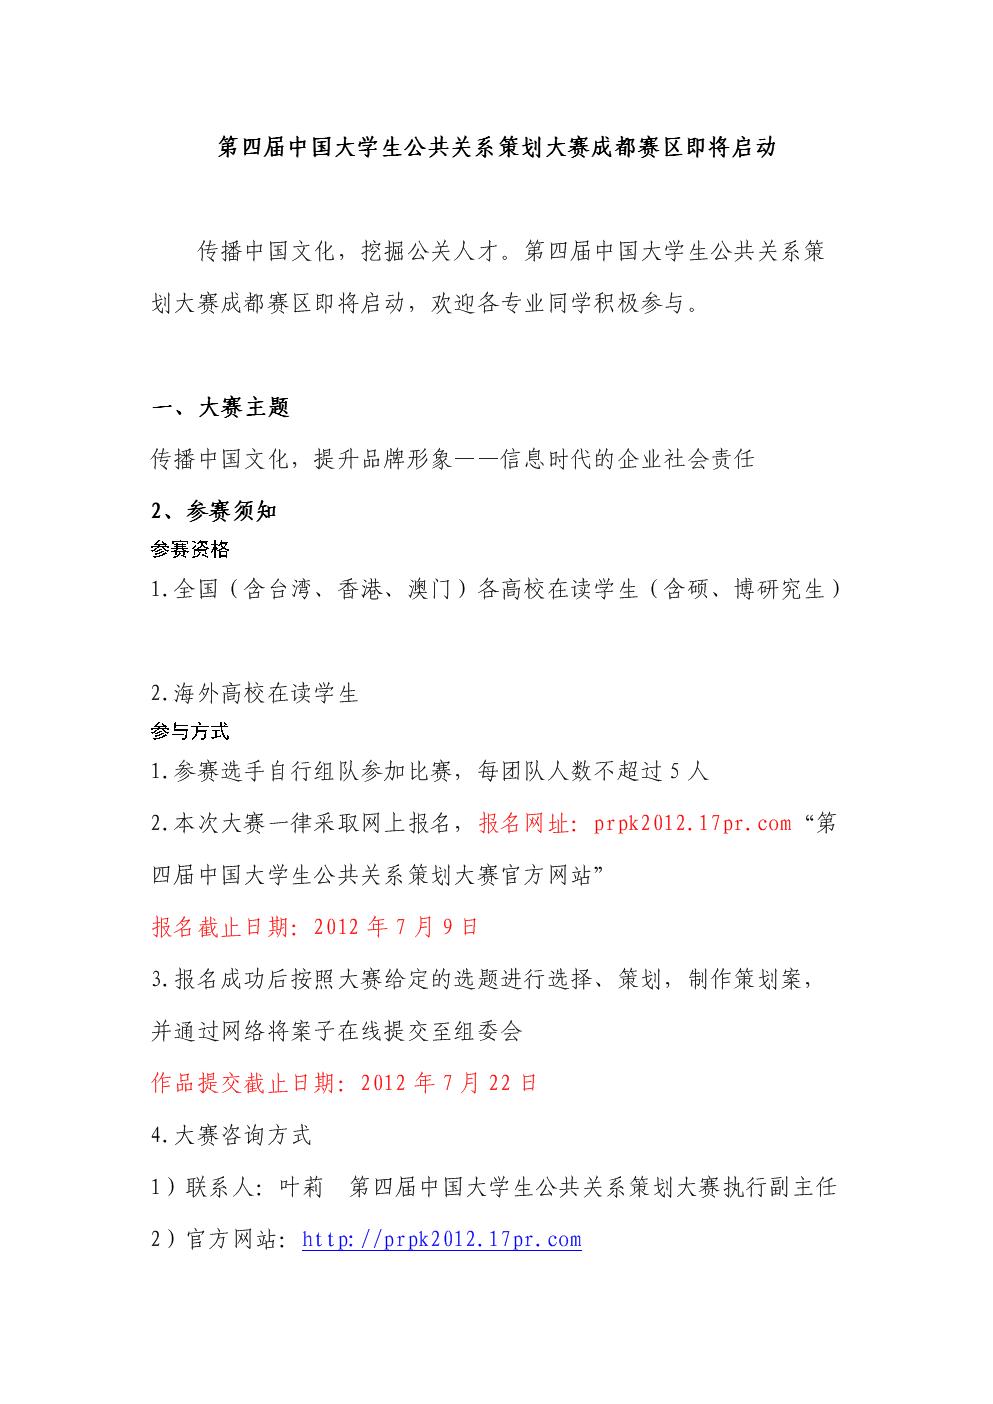 上海调查公司哪家靠谱_上海讨债公司靠谱吗_上海新兰德公司靠谱吗